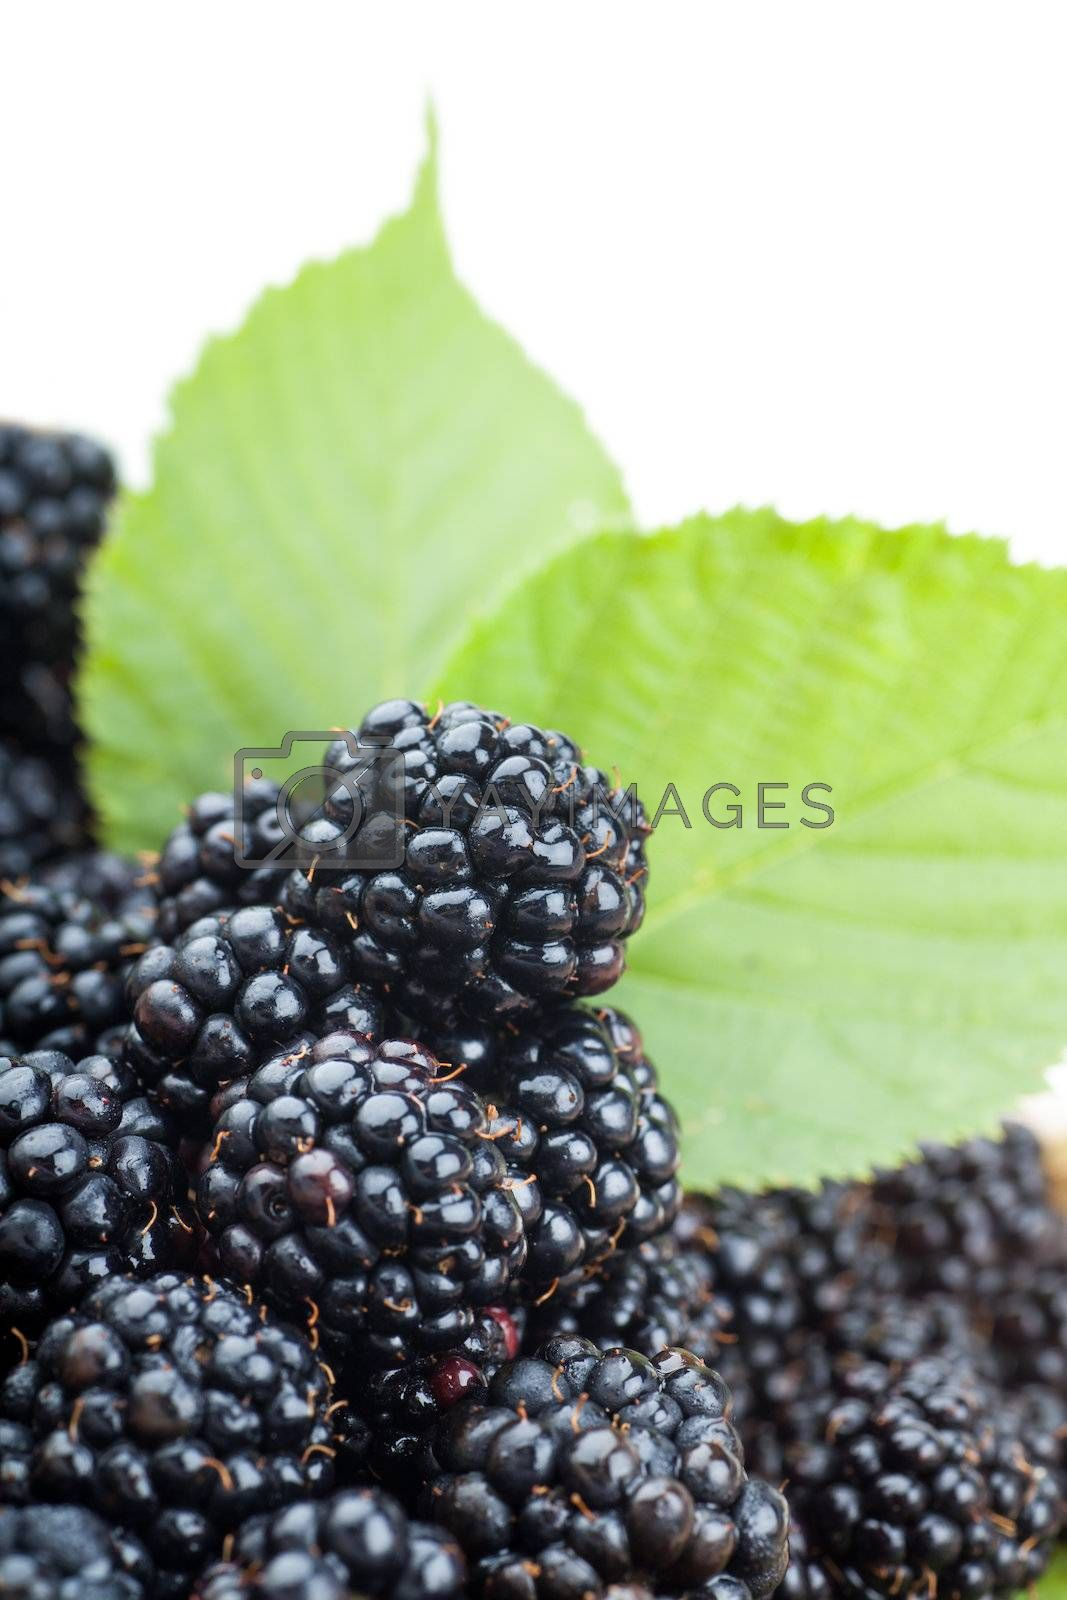 Macro view of fresh ripe blackberries